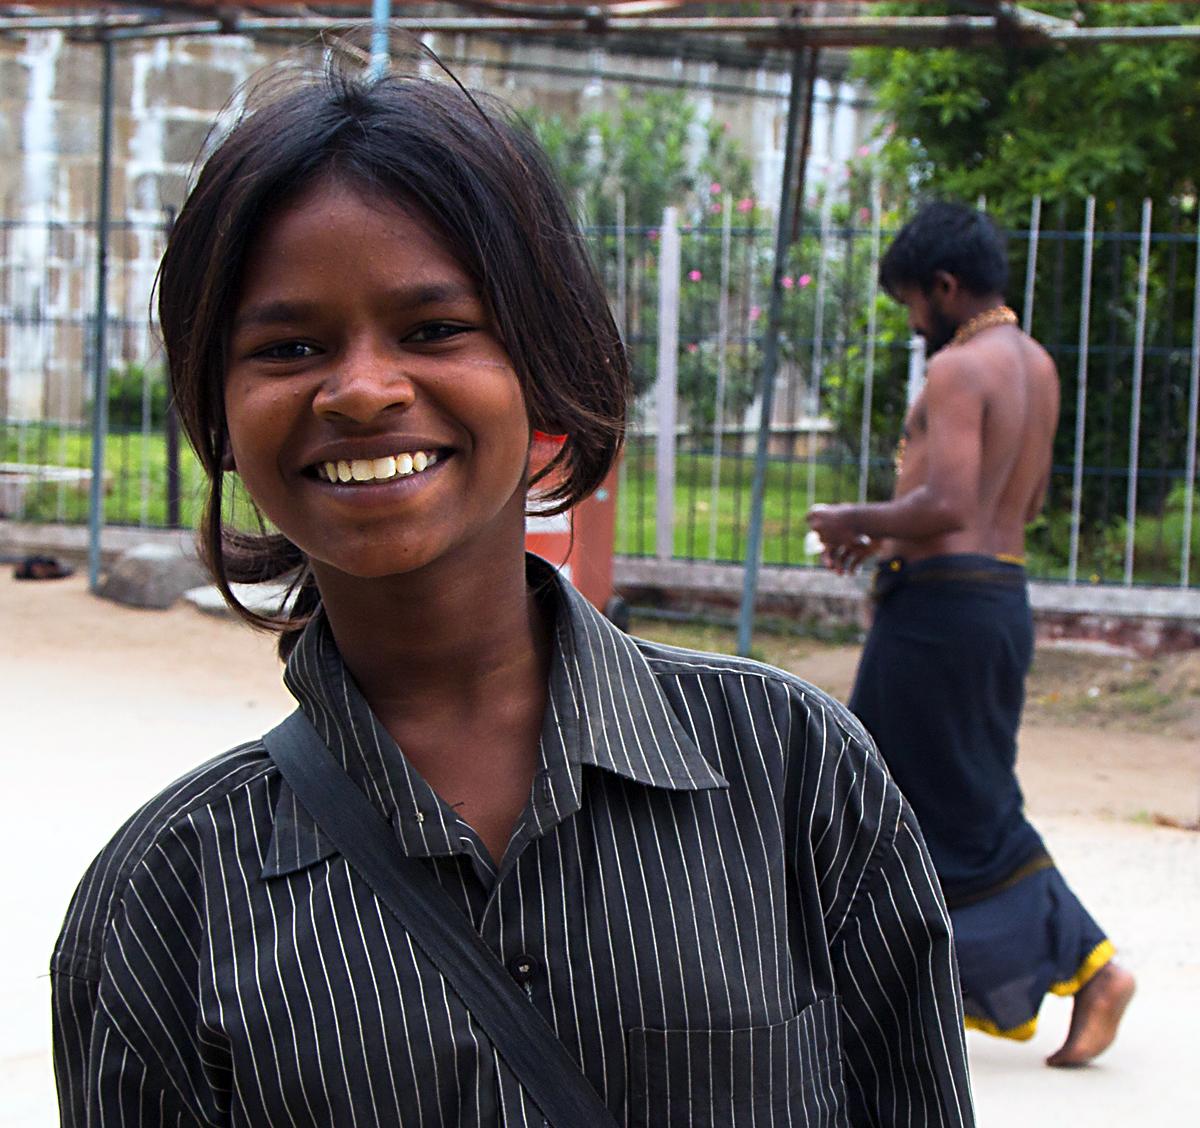 INDIEN Chennai Menschen Tempel FINEST-onTour 7481-1.jpg